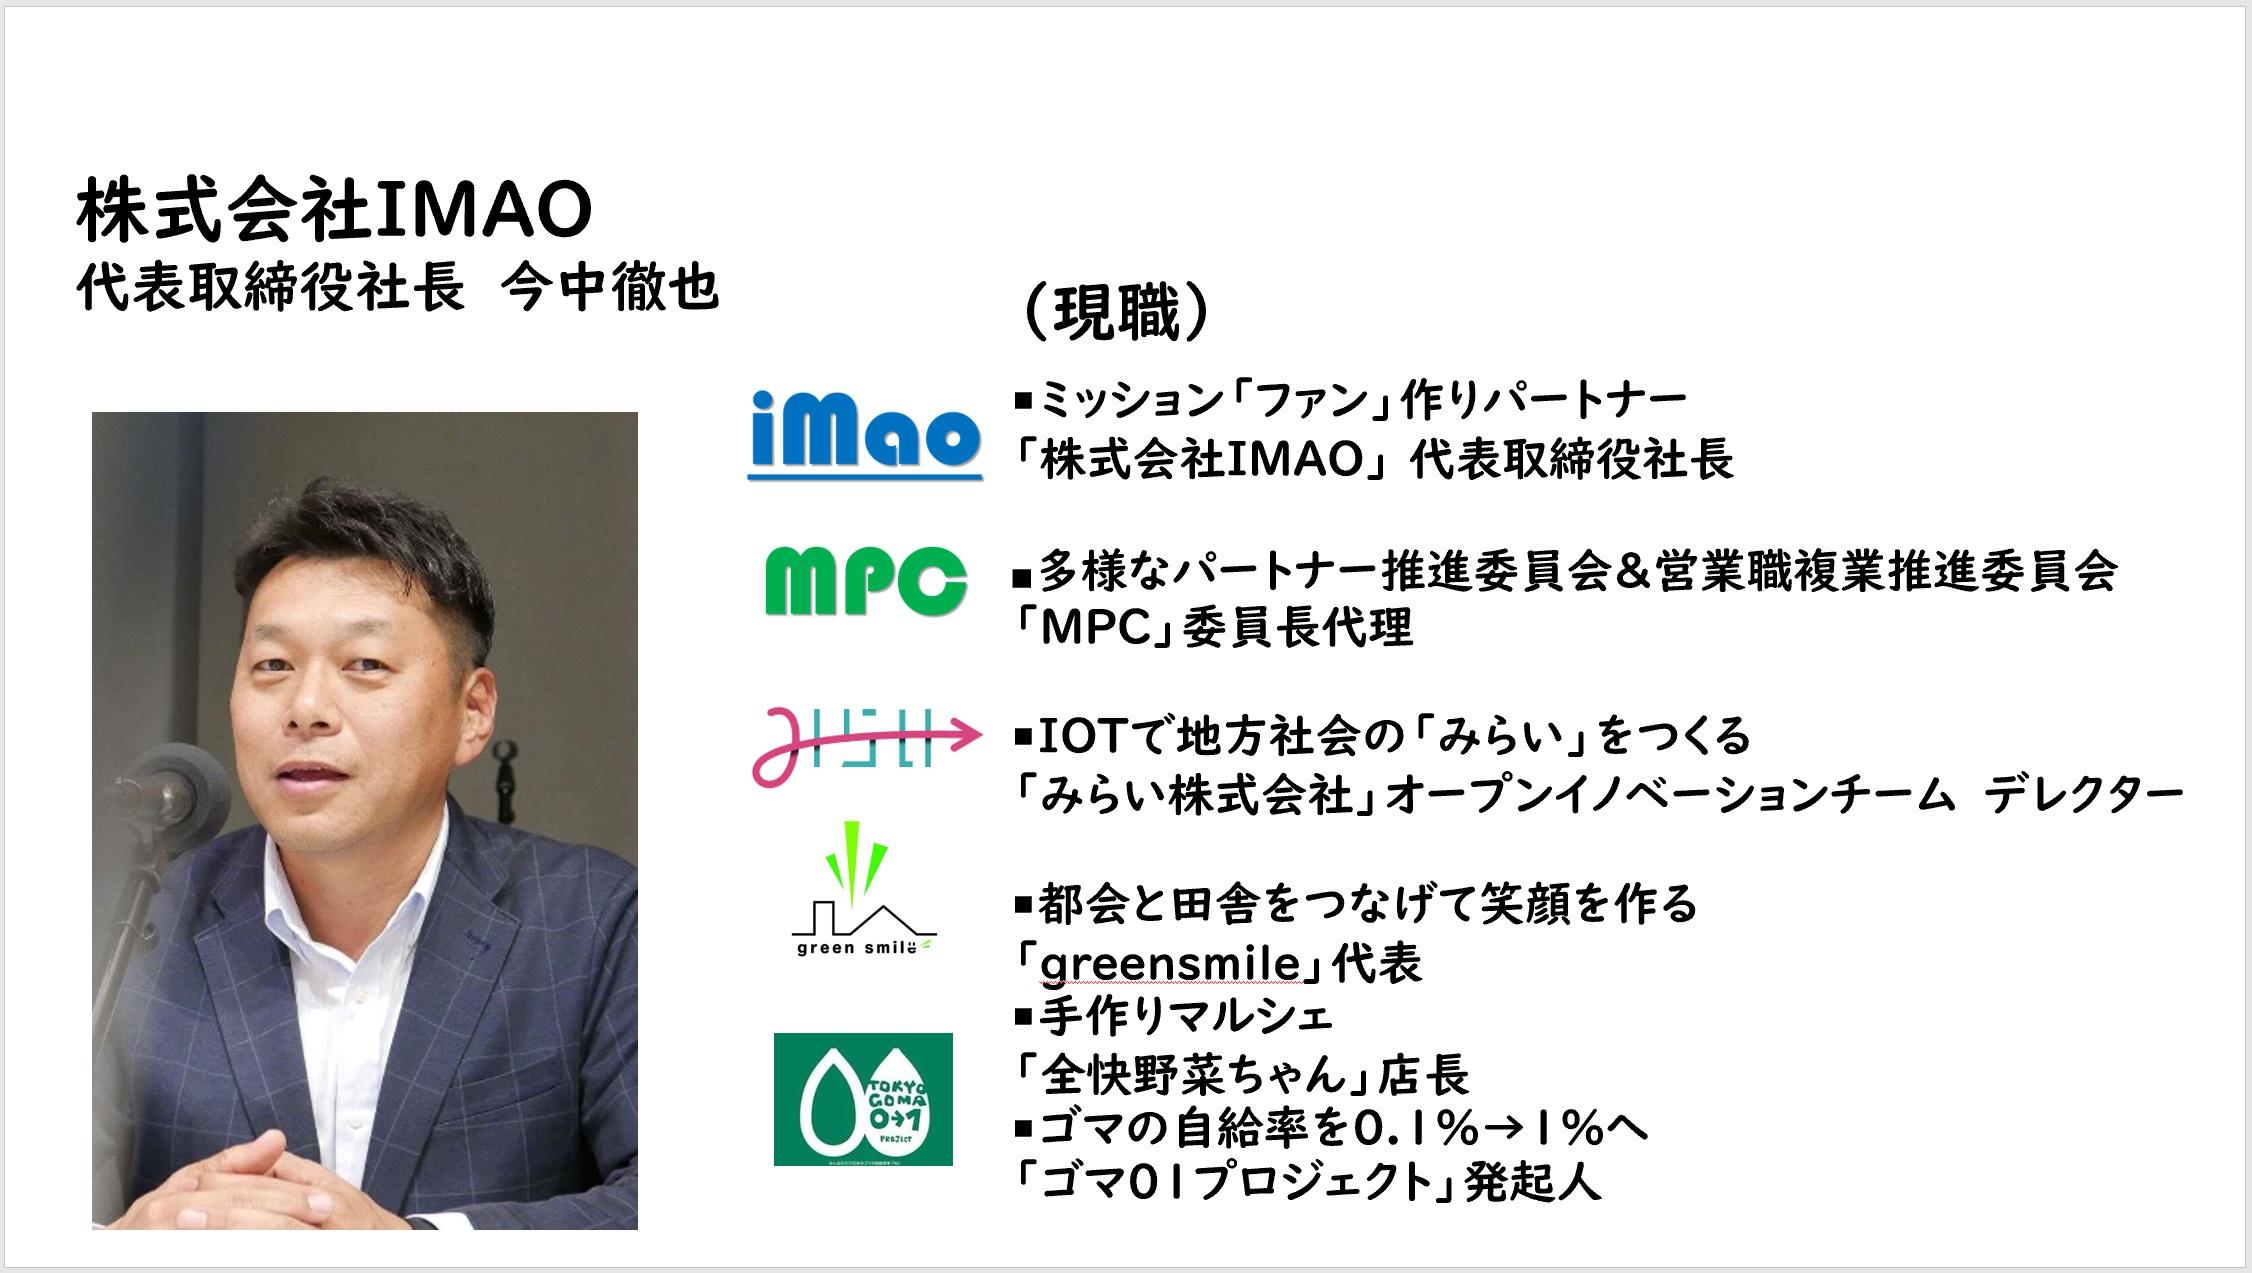 株式会社IMAO 代表取締役 今中徹也